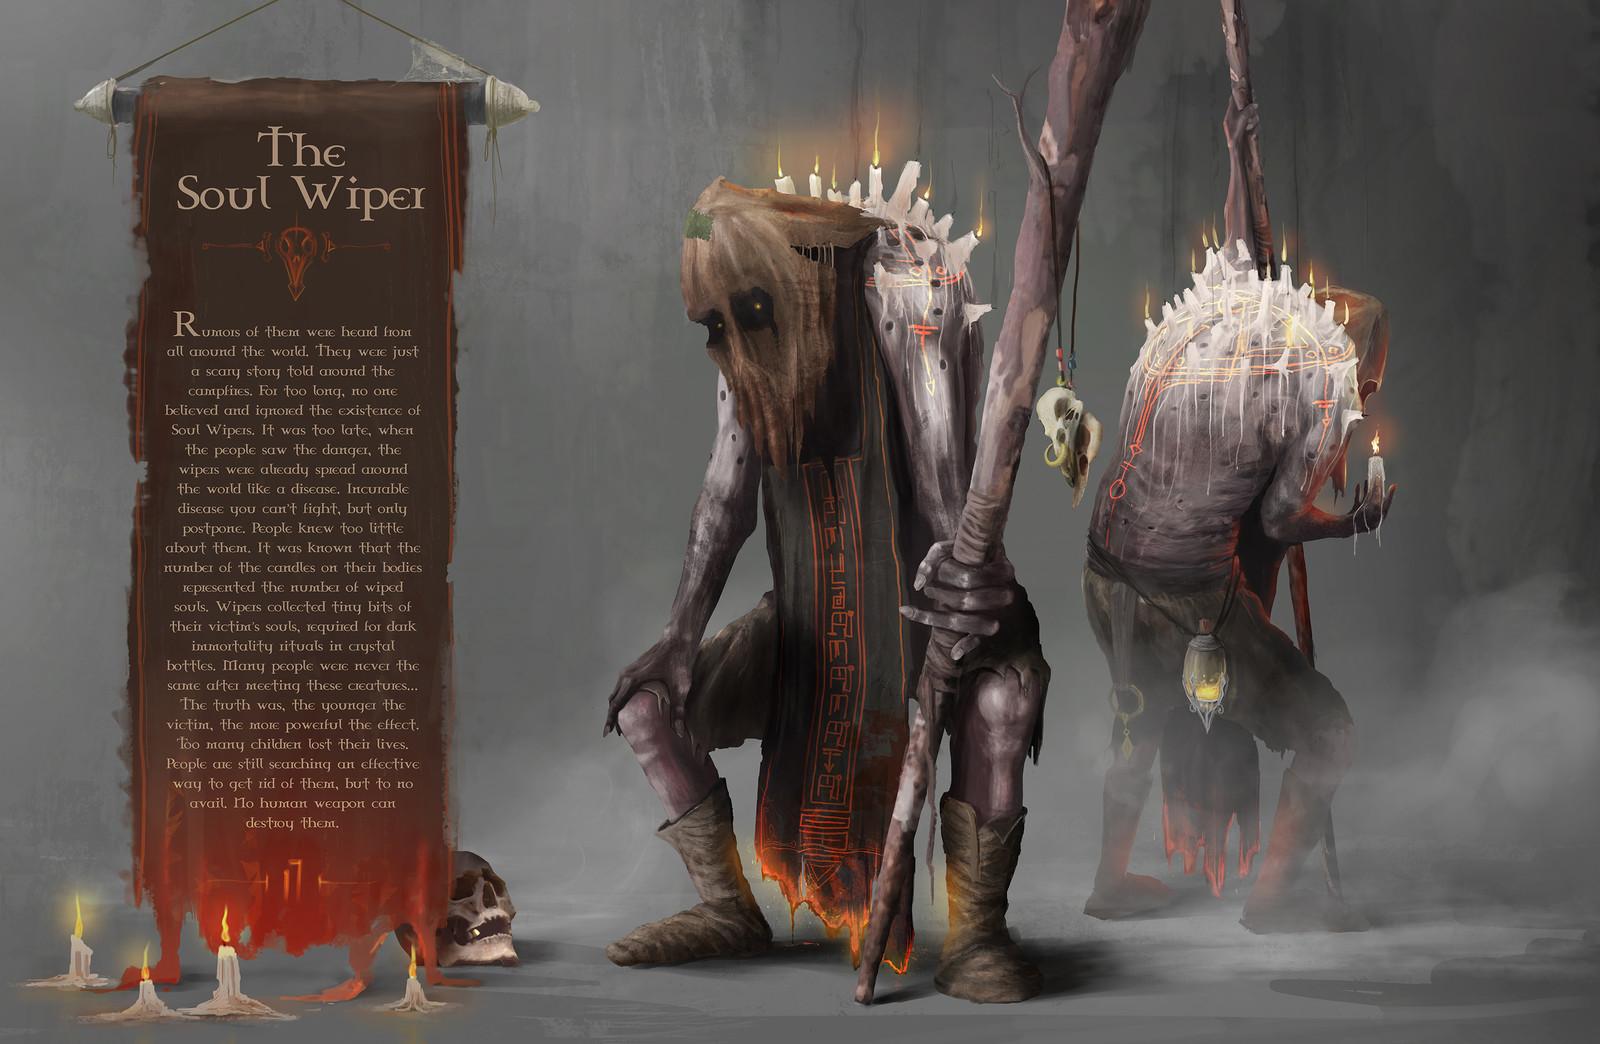 The Soul Wiper